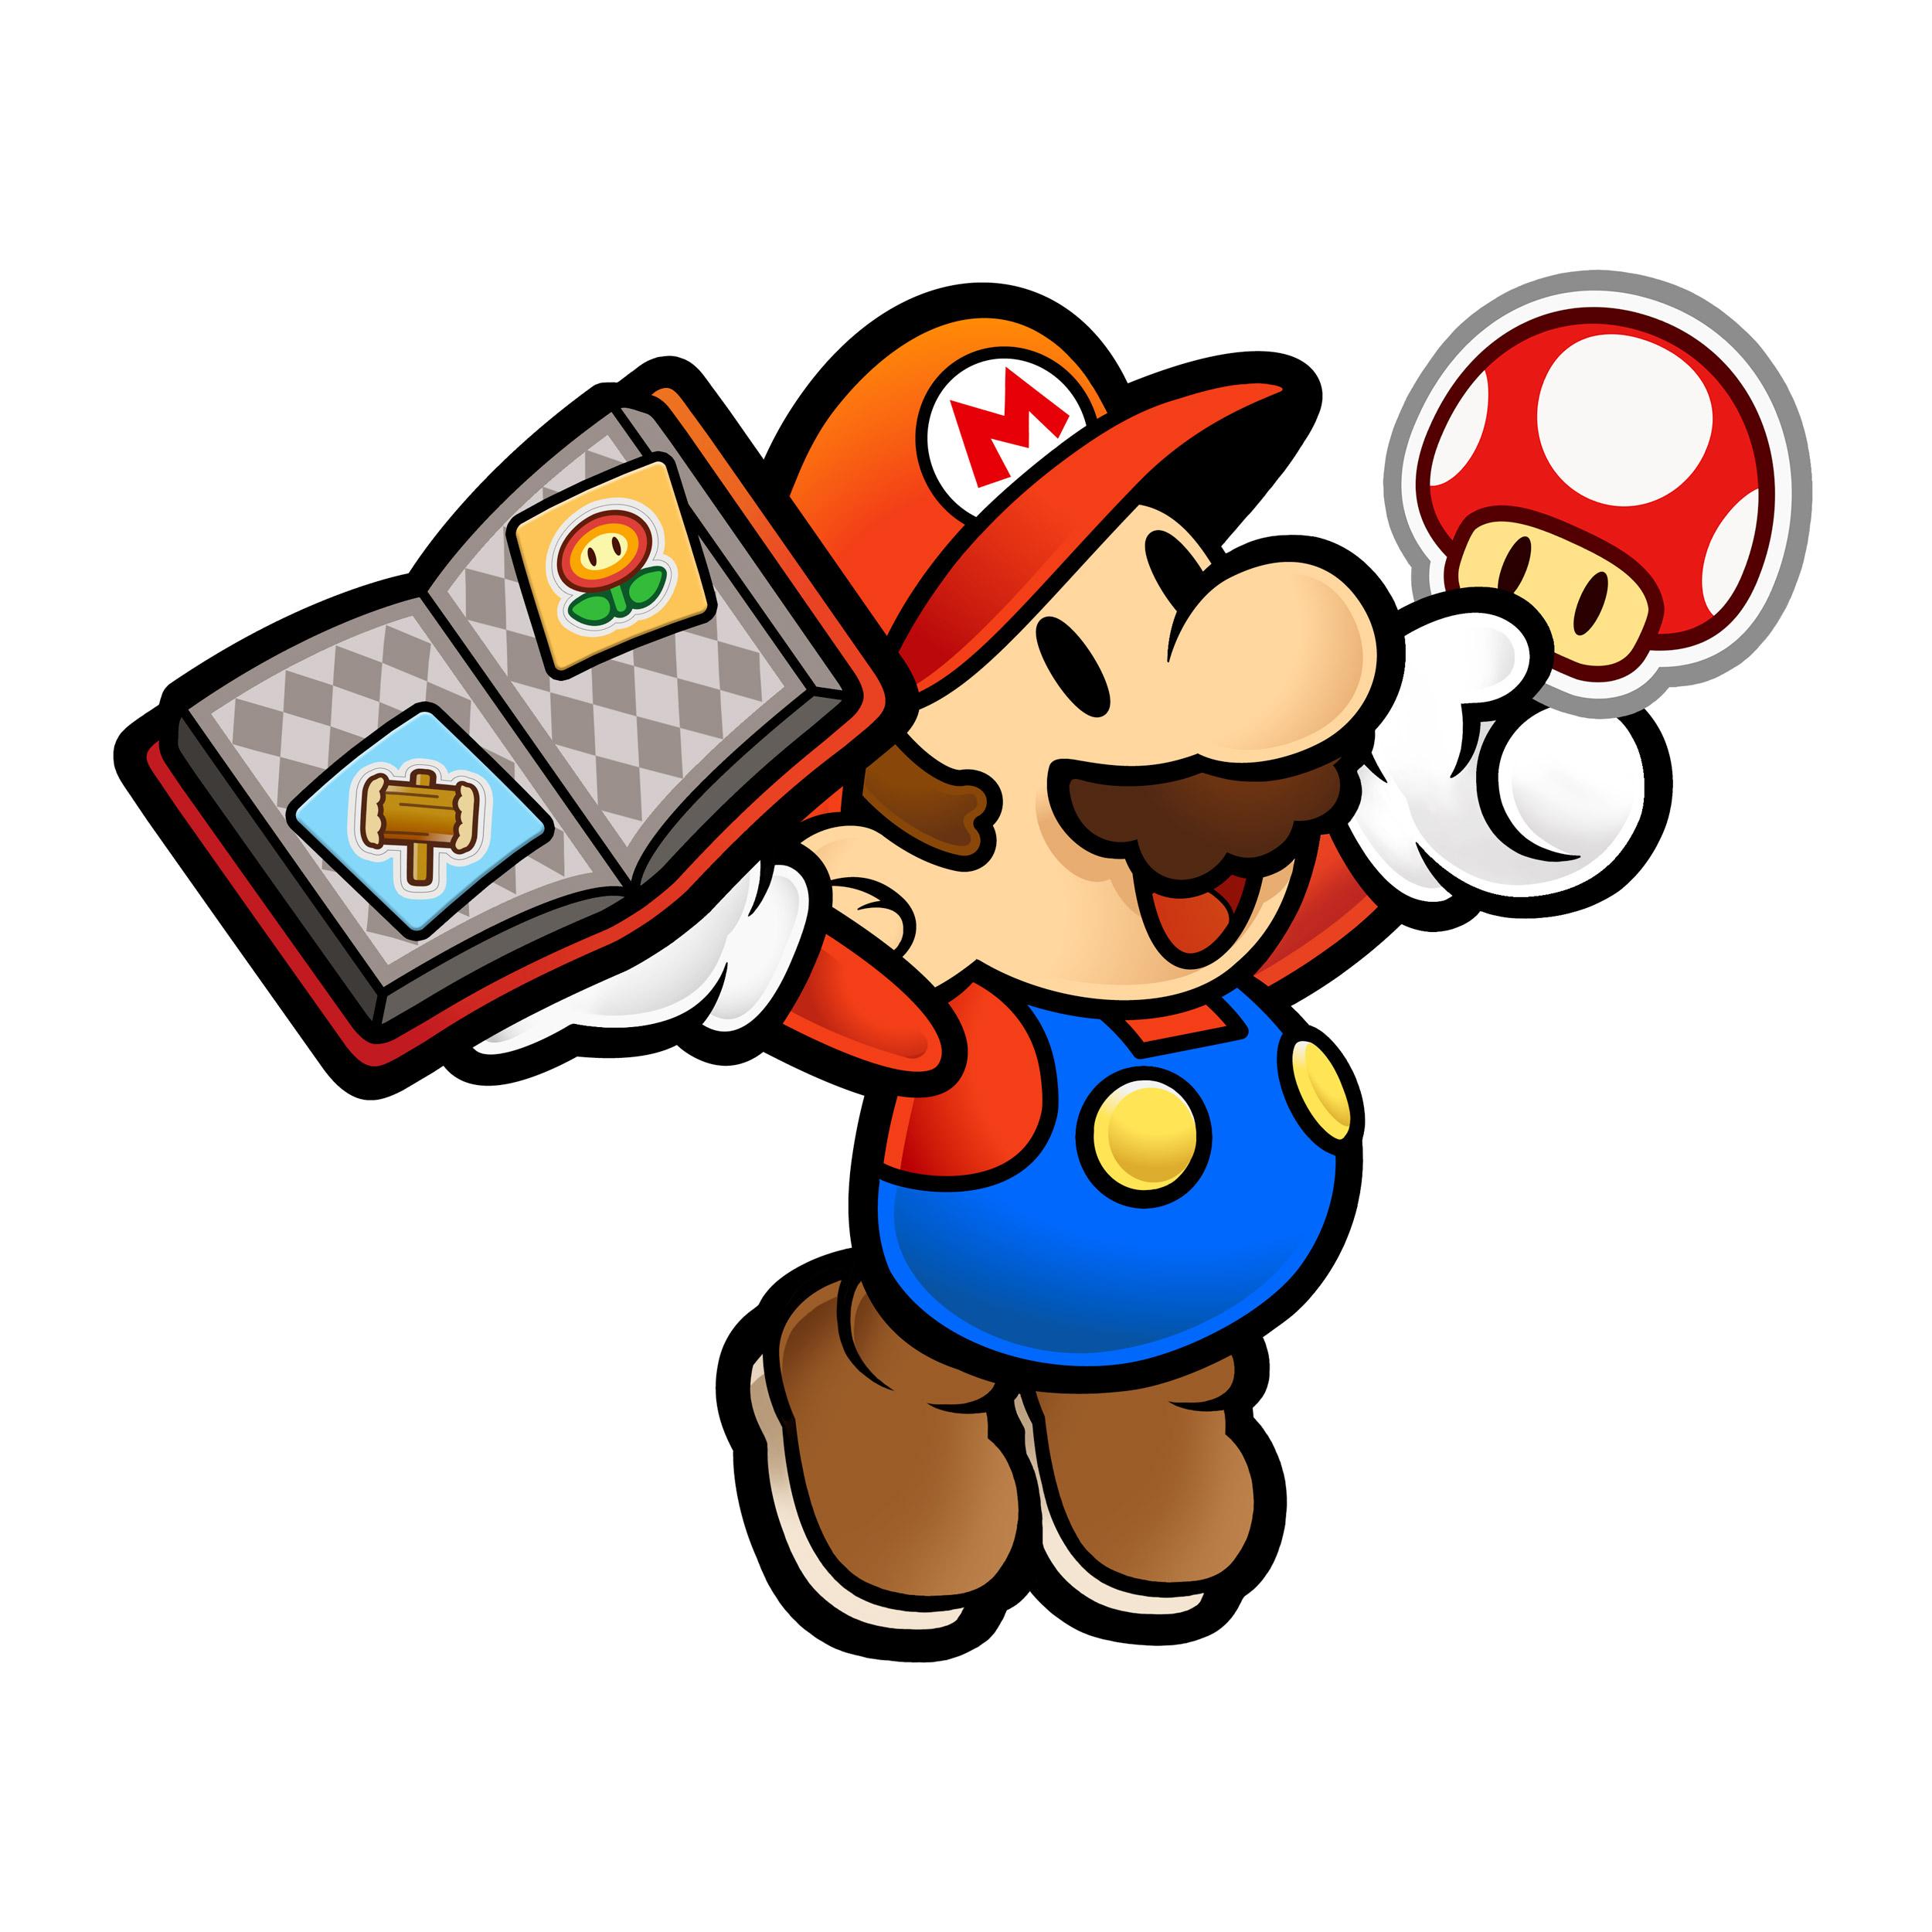 2500x2500 Top 92 Mario Clip Art